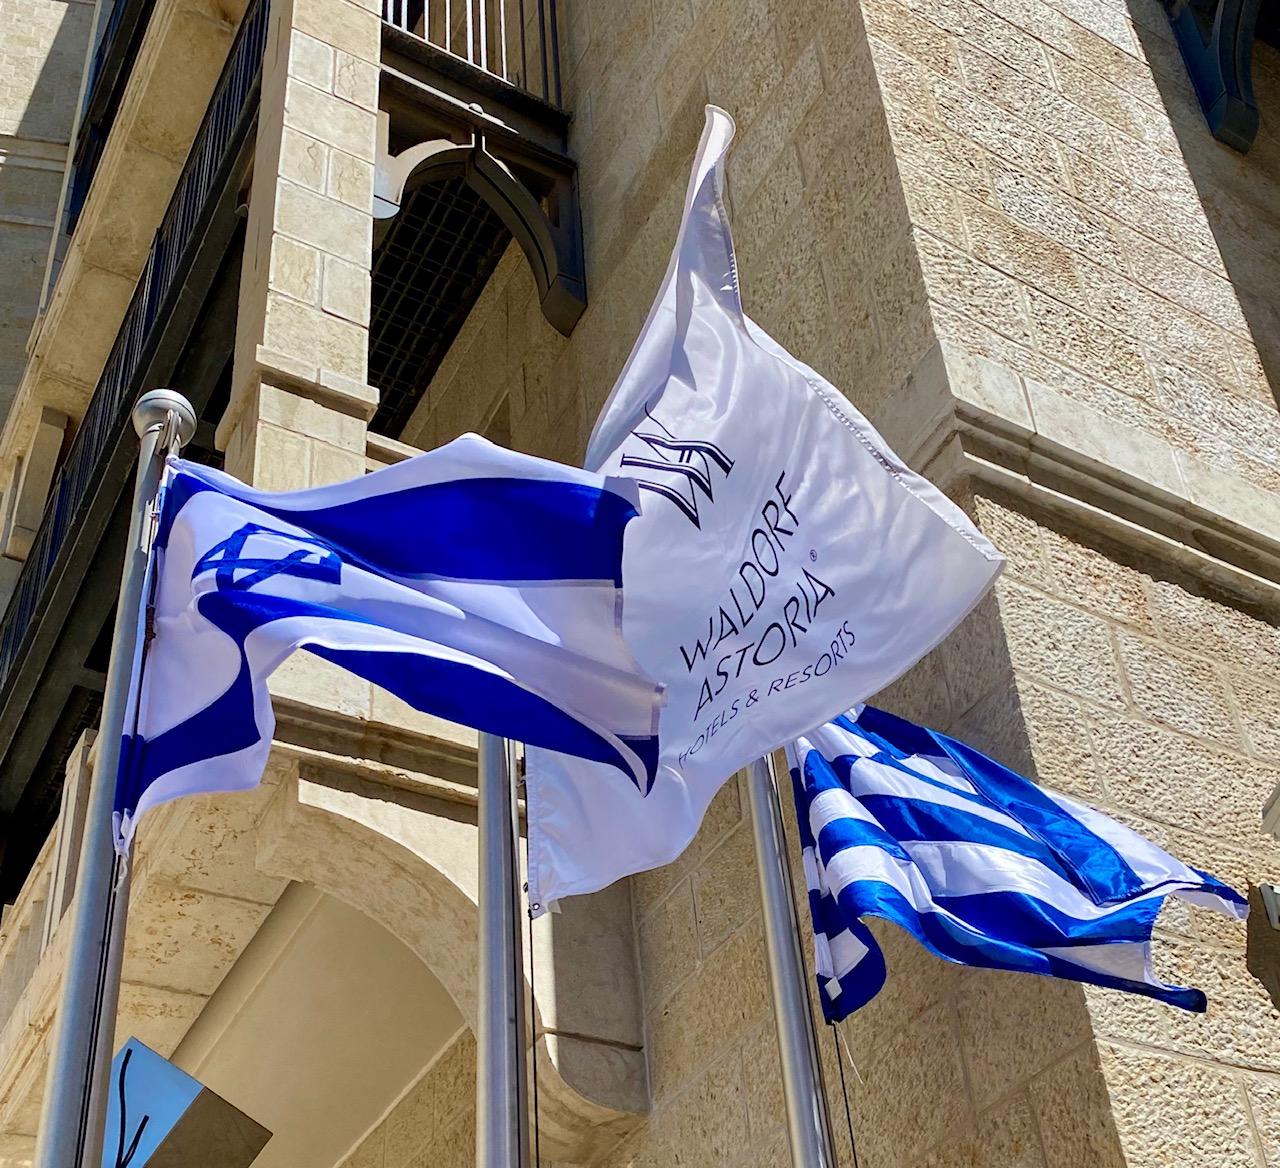 Ελλάδα: Στο Ισραήλ ο Μητσοτάκης για διήμερη επίσκεψη 16-17 Ιουνίου